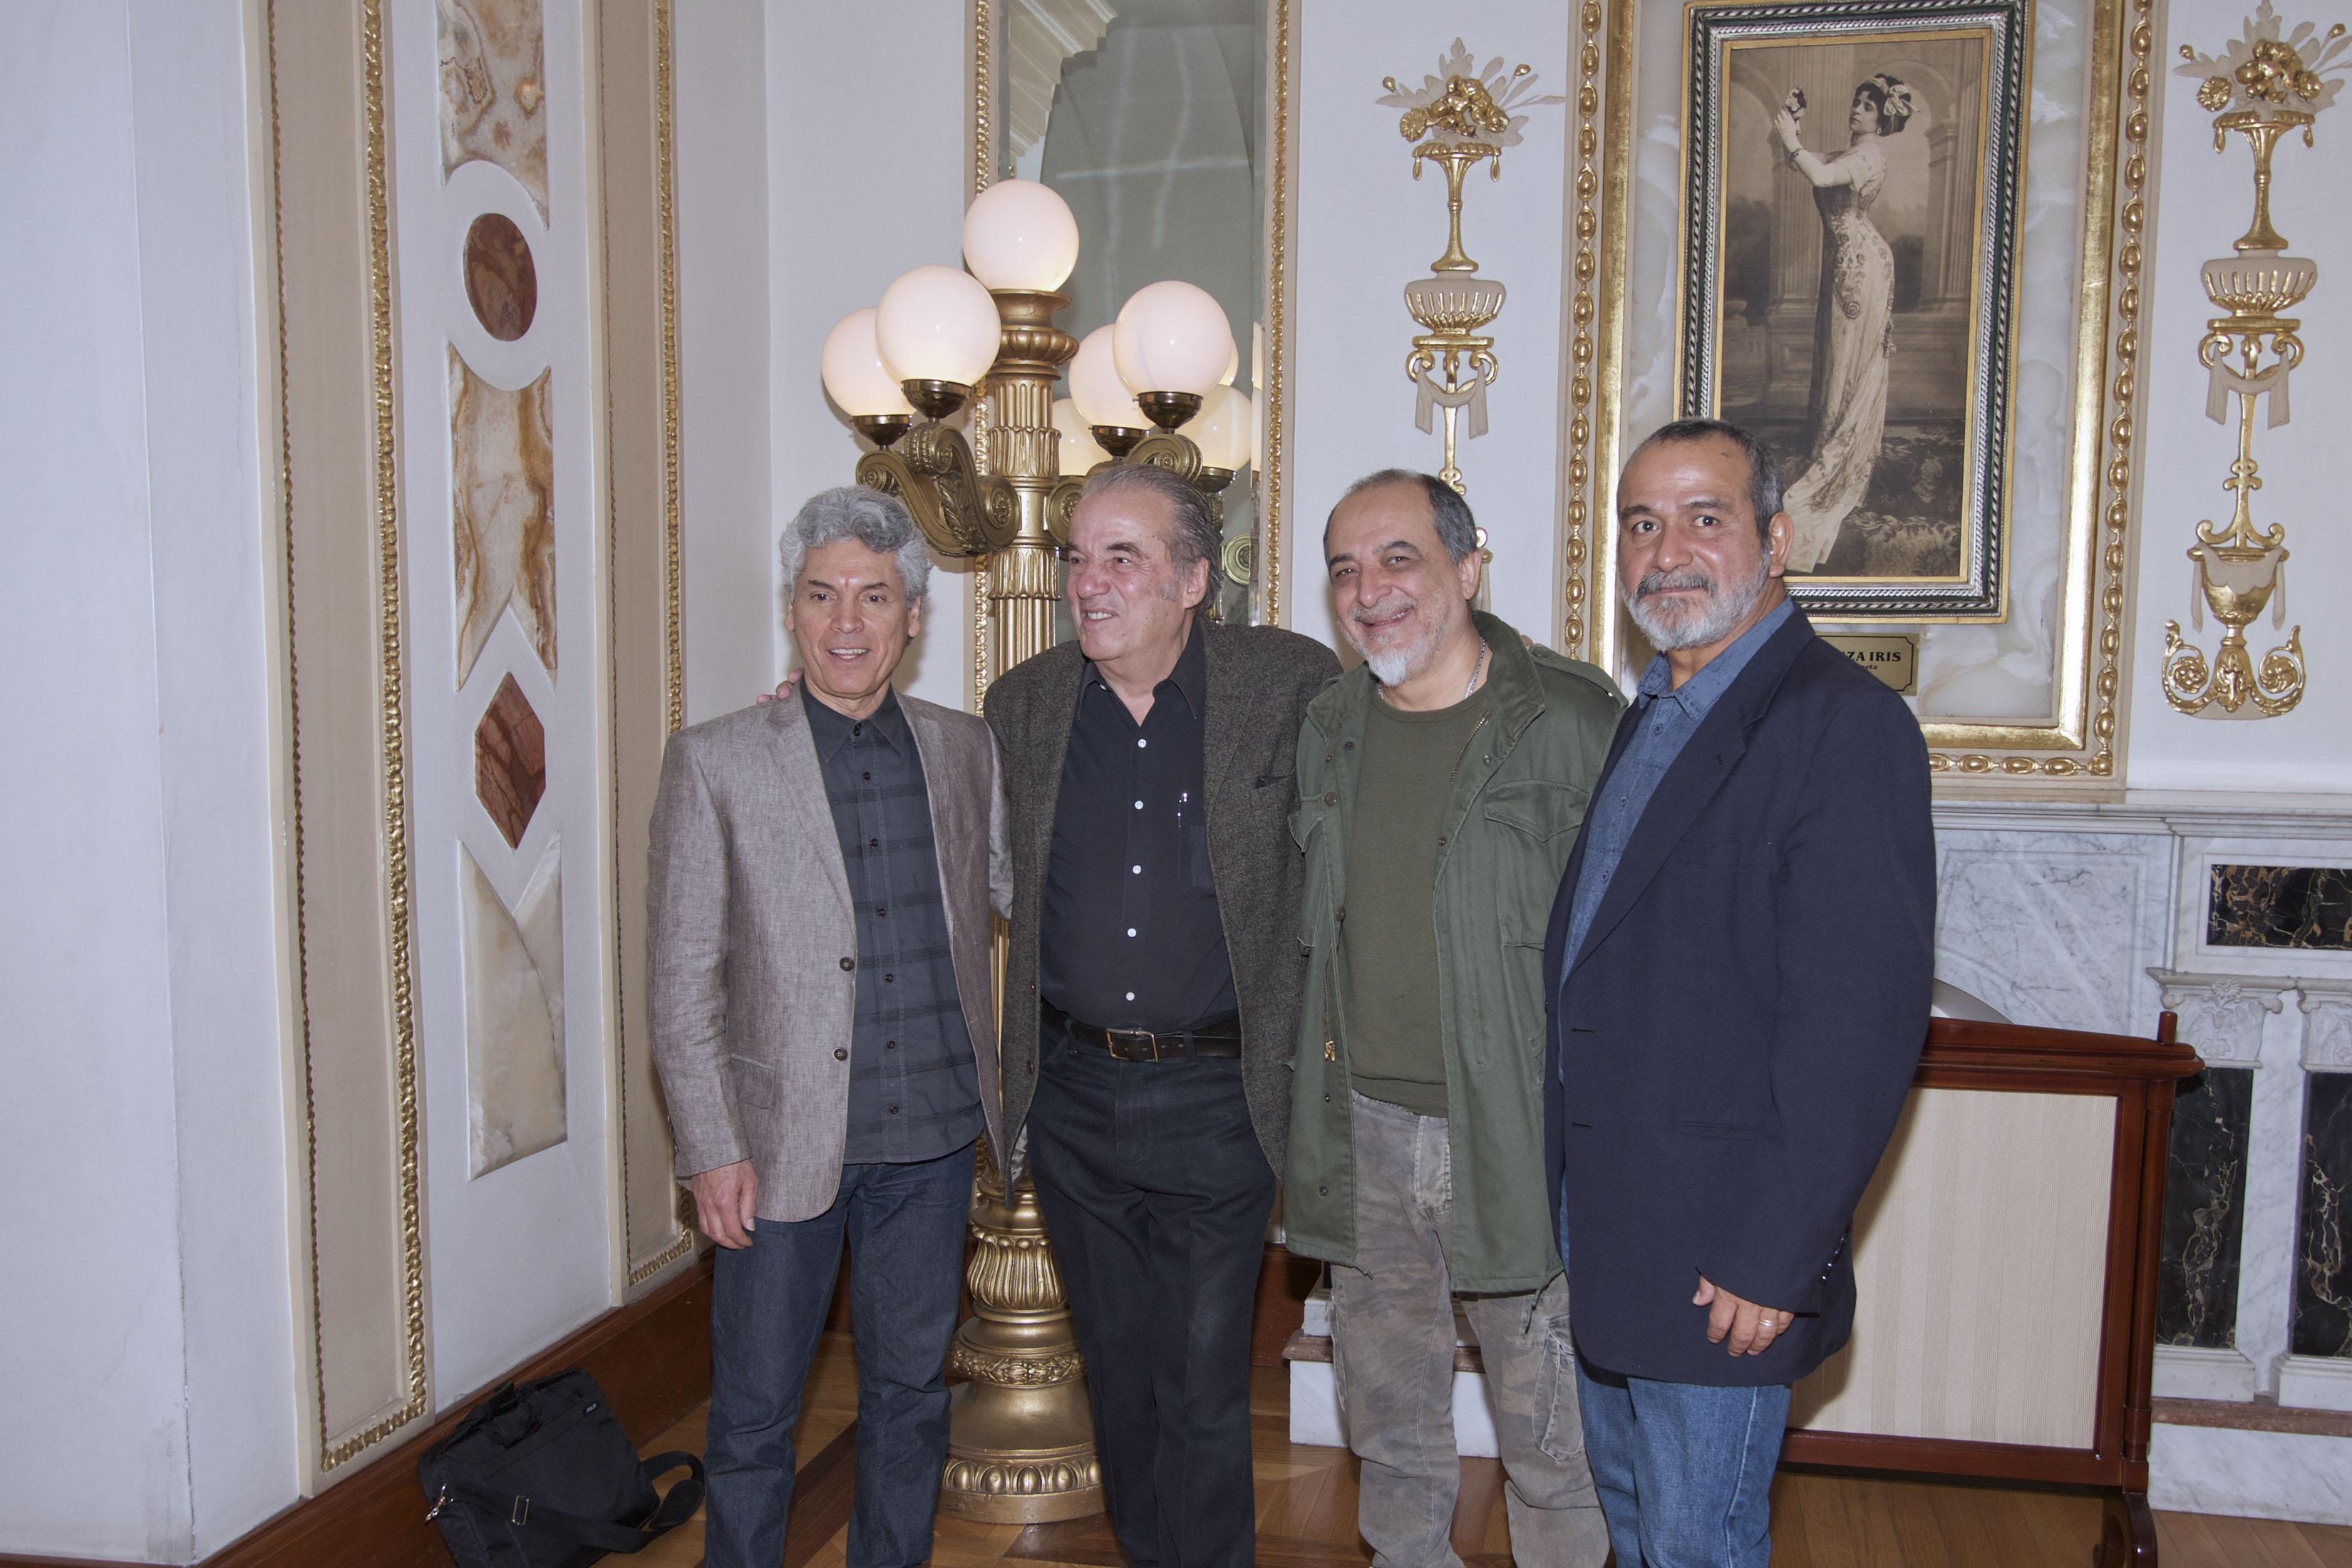 David Haro (extrema izquierda) junto a Oscar Chávez, Jaime López y Rafael Mendoza.